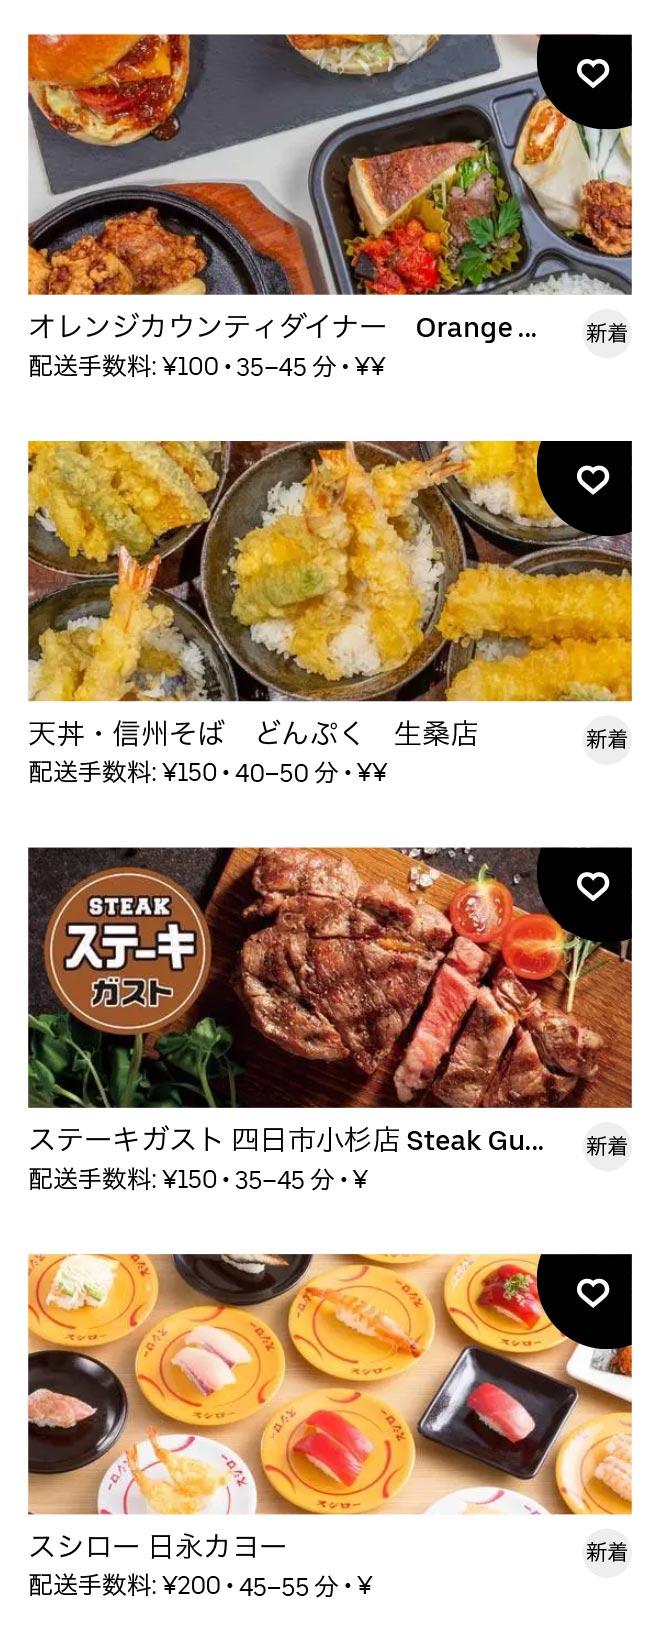 Yokkaichi menu 2012 07